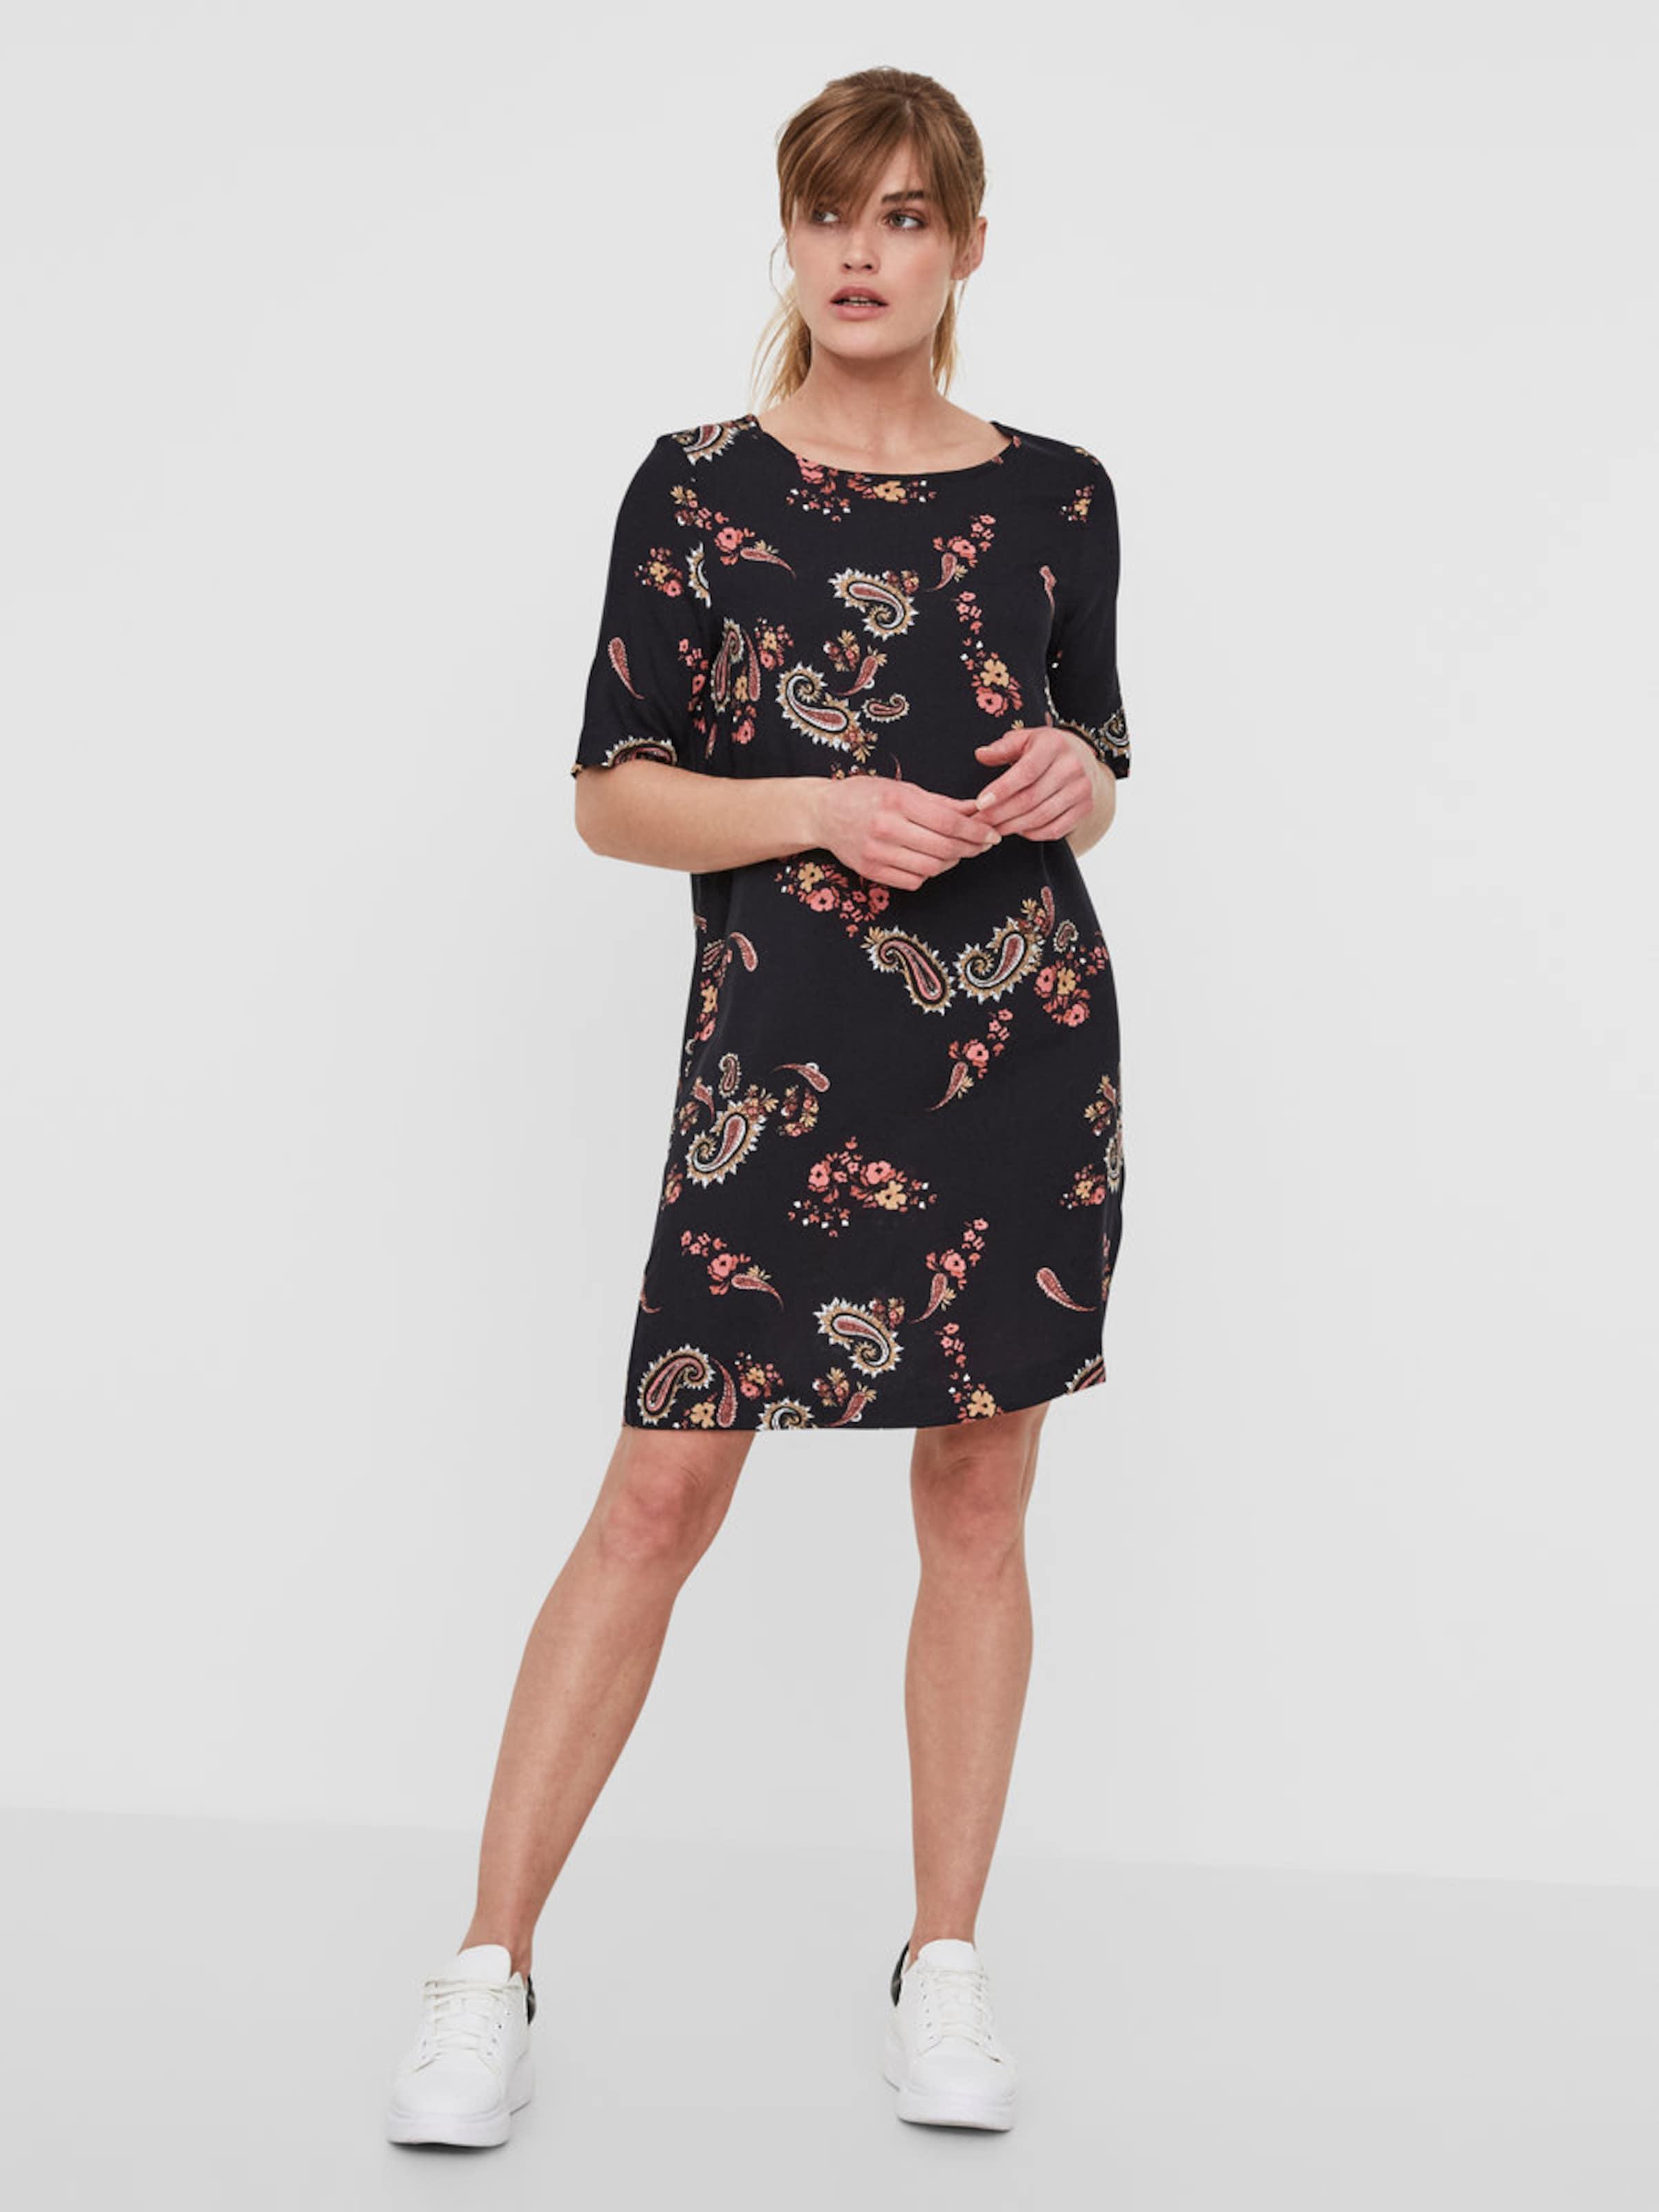 Geniue Händler Verkauf Online Billig Verkauf Freies Verschiffen VERO MODA Lässiges Kleid mit kurzen Ärmeln Spielraum Sammlungen oNiuM6fm